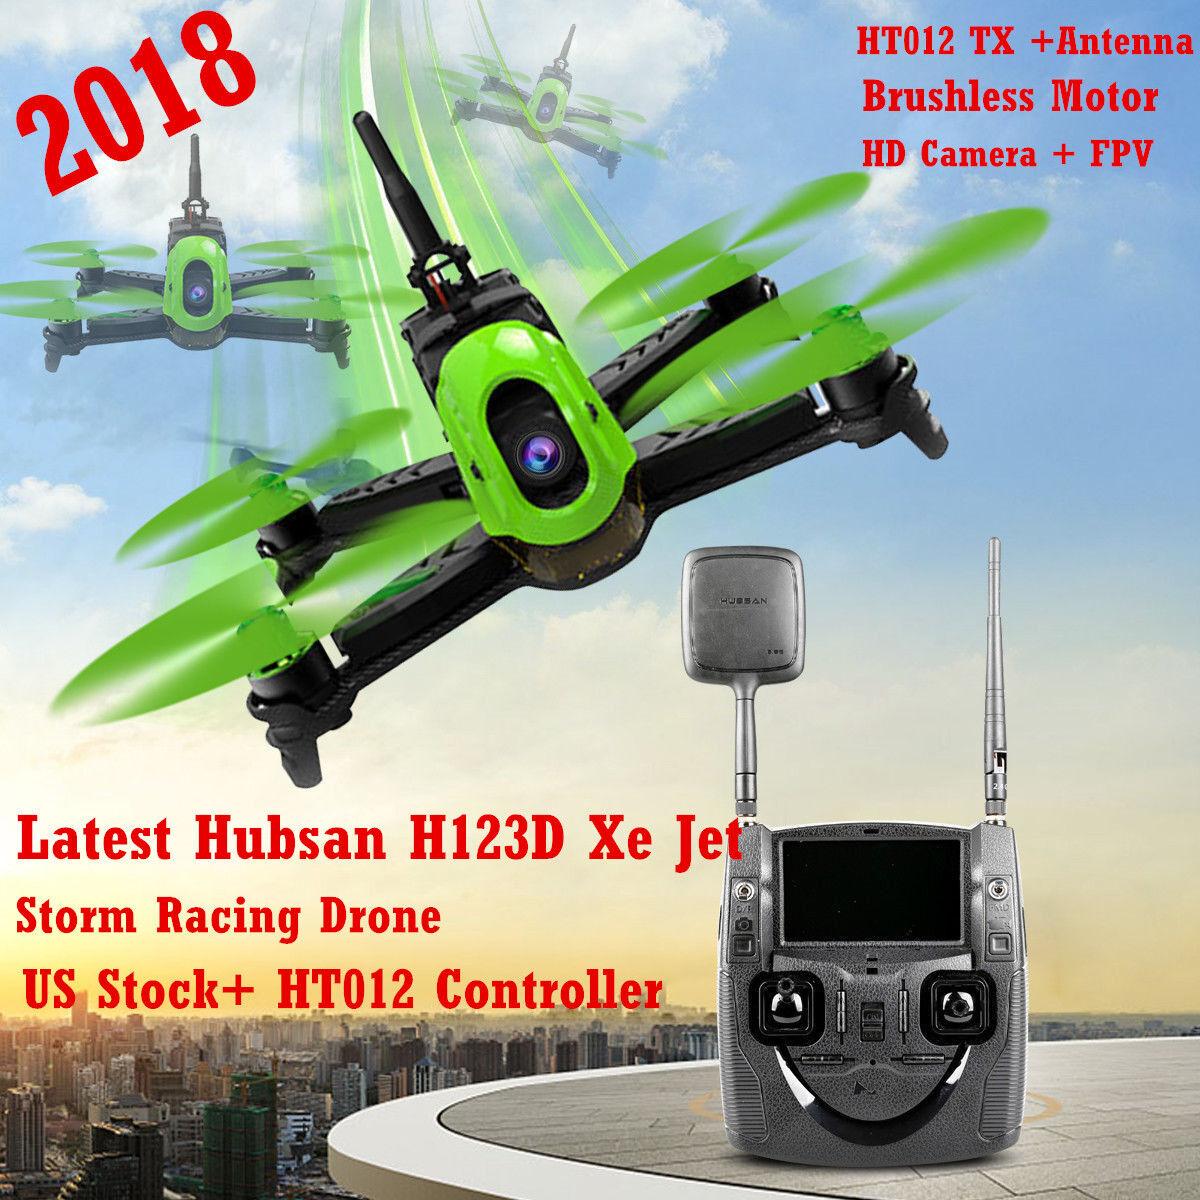 Hubsan H123D X4 Jet 720P HD 5.8G FPV Quadcopter  Micro RC Storm Racing Drone RTF